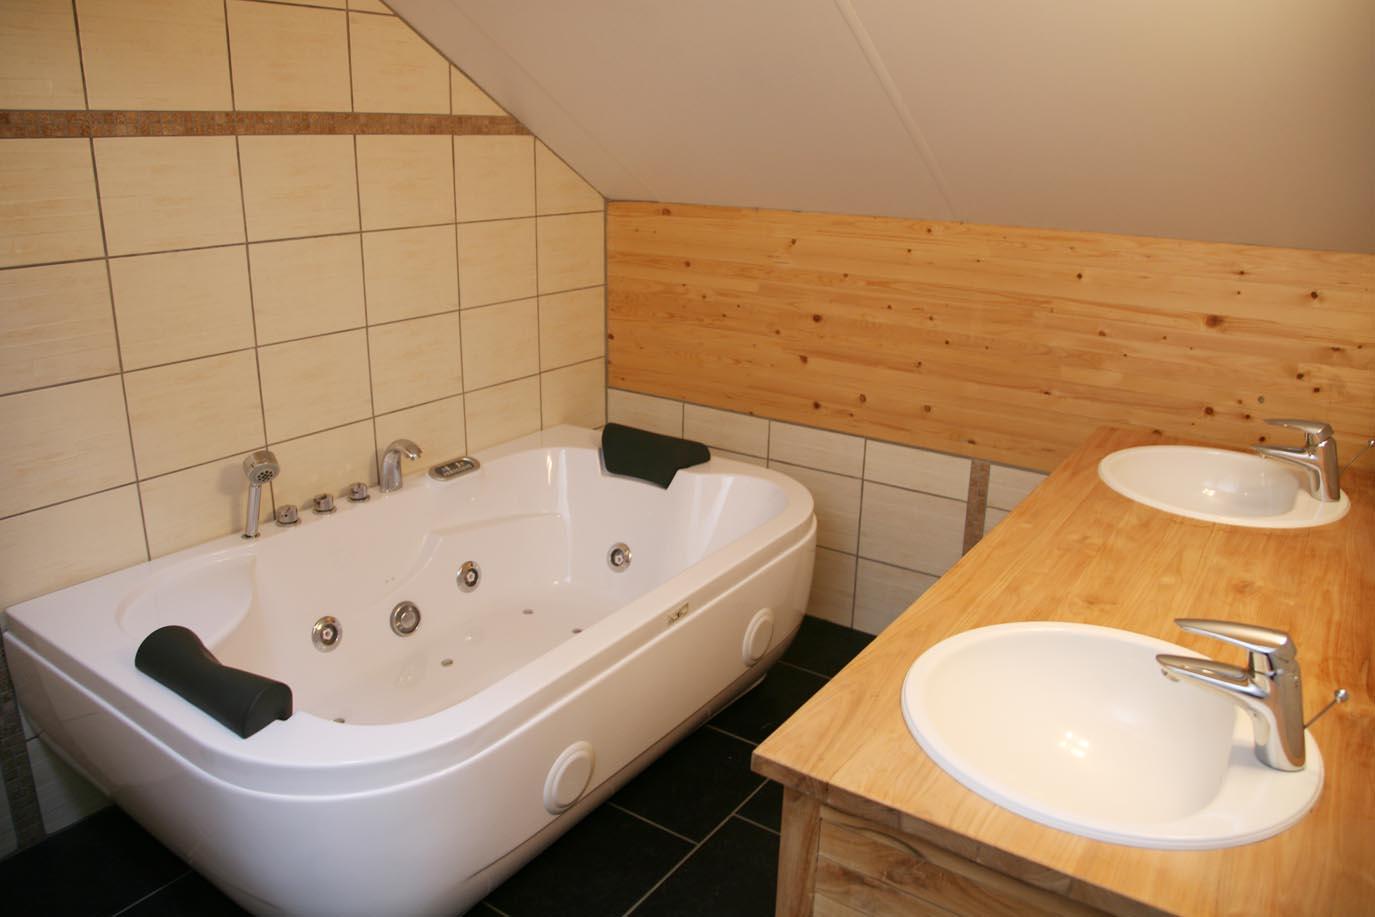 La ferme de la bourgade les g tes for Salle de bain avec wc separe